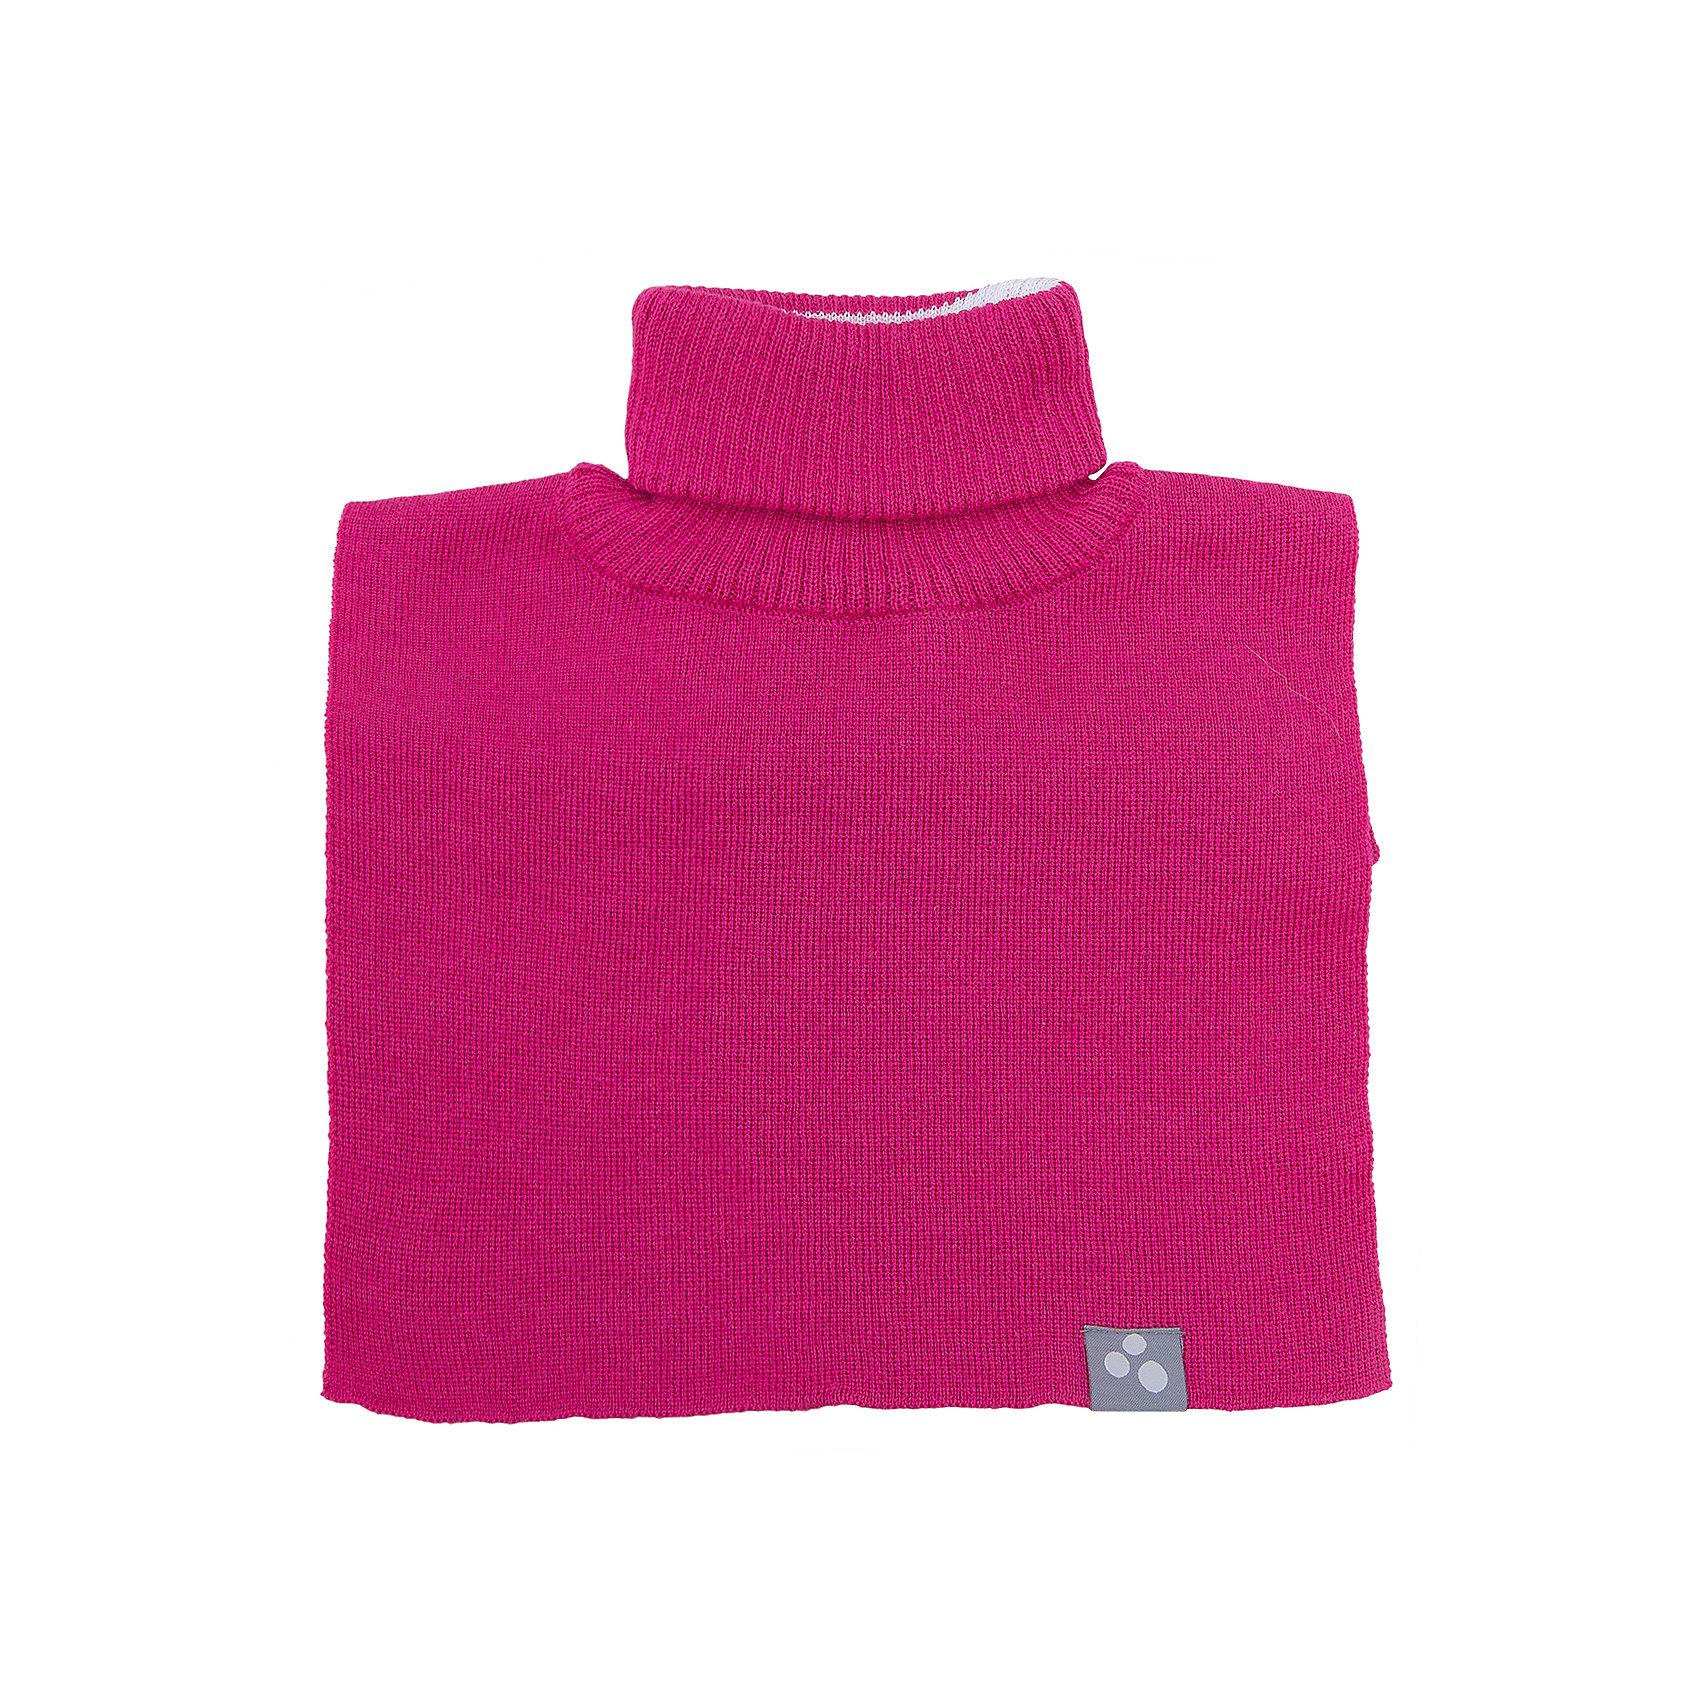 Манишка HuppaШарфы, платки<br>Манишка CORA Huppa(Хуппа) - вязаный воротник, изготовленный из шерсти мериноса и акрила с подкладкой из флиса. Он надежно защитит шею ребенка от мороза и ветра. Этот шарф ребенок с радостью наденет самостоятельно.<br><br>Дополнительная информация:<br>Материал: 50% шерсть мериноса, 50% акрил<br>Подкладка : хлопок<br>Цвет: фуксия<br><br>Манишку CORA Huppa(Хуппа) можно приобрести в нашем интернет-магазине.<br><br>Ширина мм: 88<br>Глубина мм: 155<br>Высота мм: 26<br>Вес г: 106<br>Цвет: розовый<br>Возраст от месяцев: 12<br>Возраст до месяцев: 24<br>Пол: Женский<br>Возраст: Детский<br>Размер: 47-49,55-57<br>SKU: 4923918